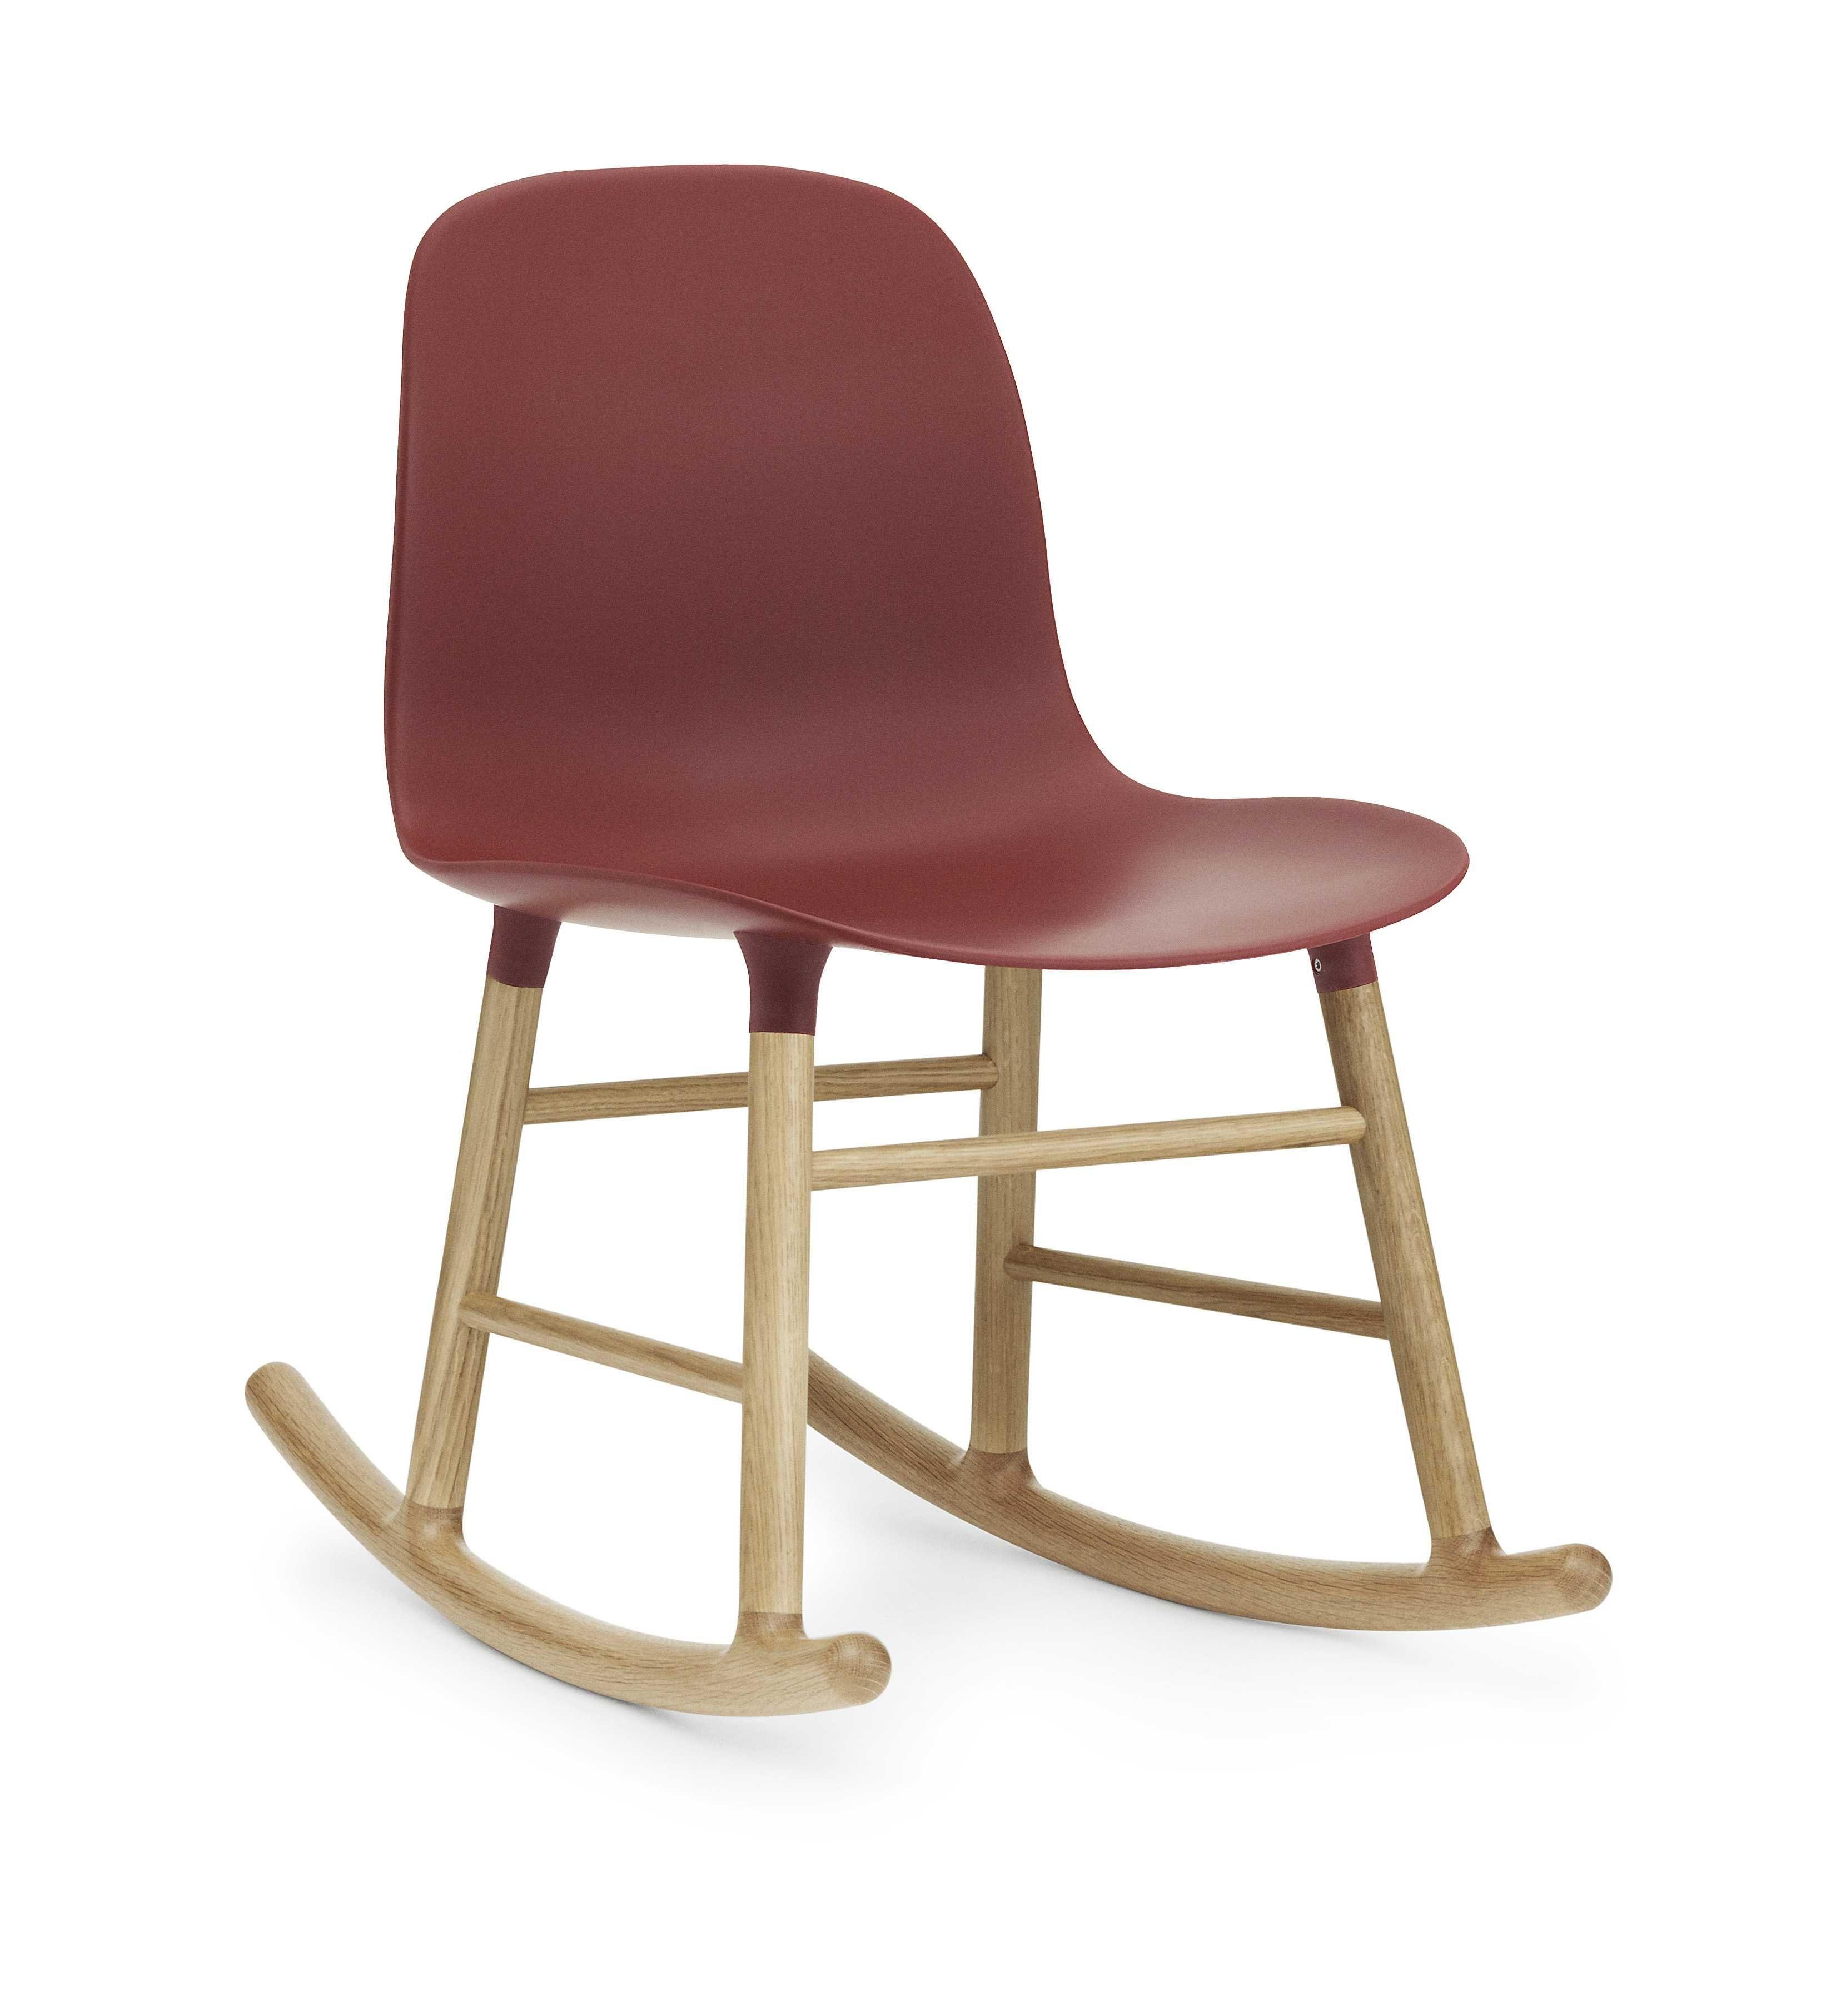 Normann Copenhagen Form Rocking Chair schommelstoel met eiken onderstel rood kopen